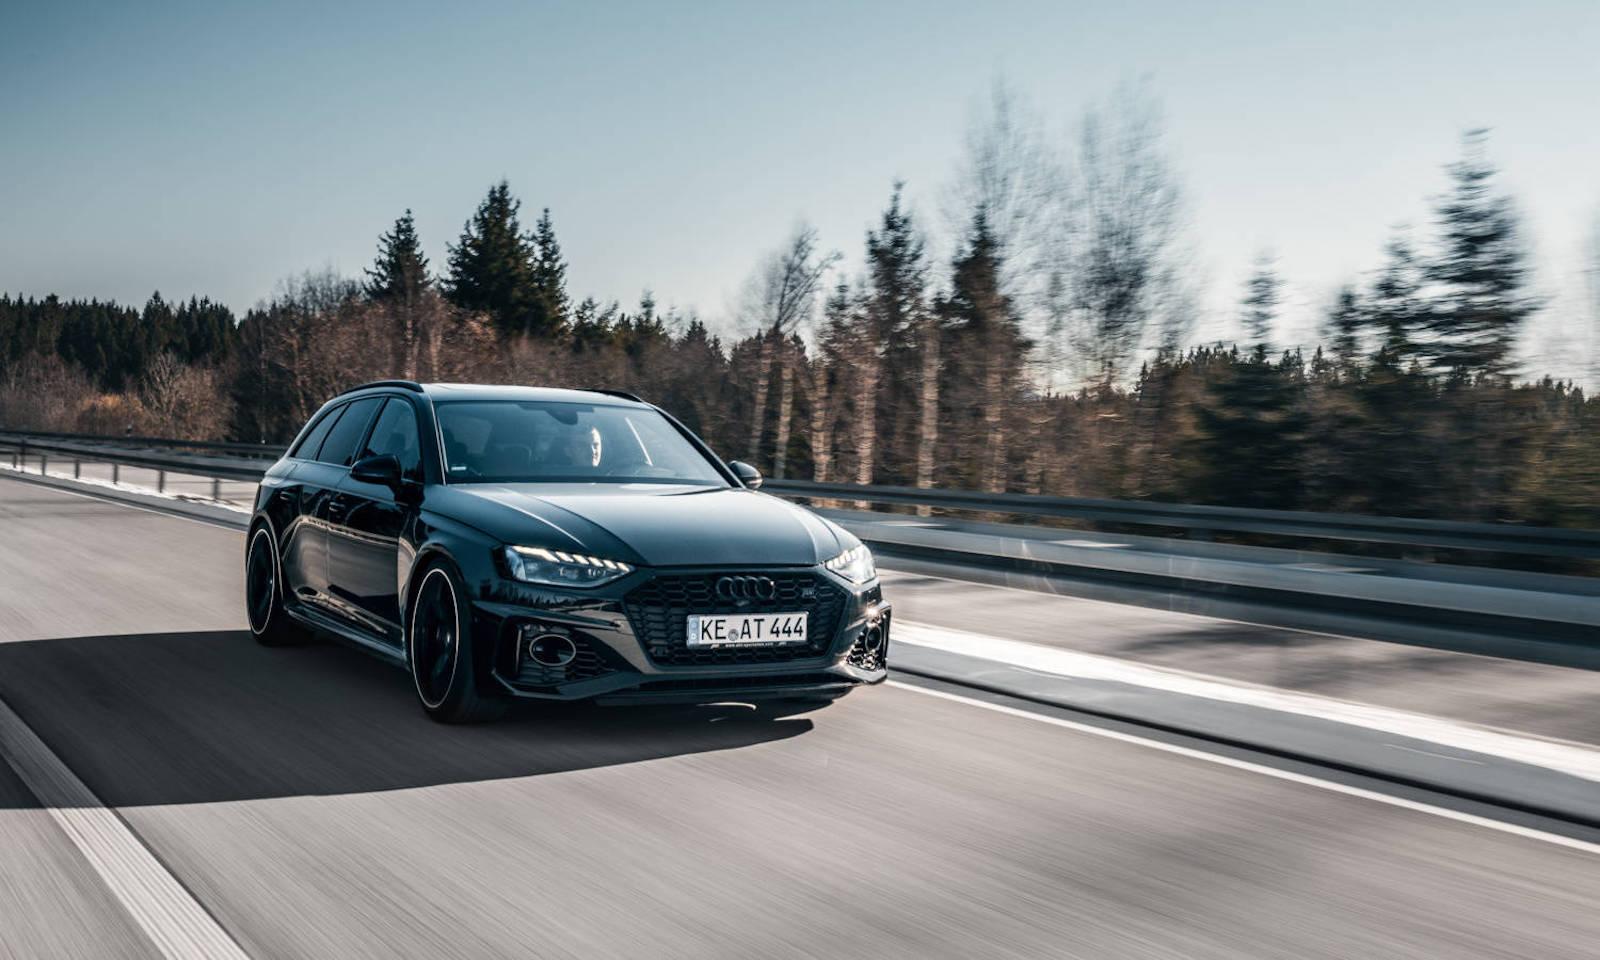 Audi Rs4 Abt 510 Cv 2